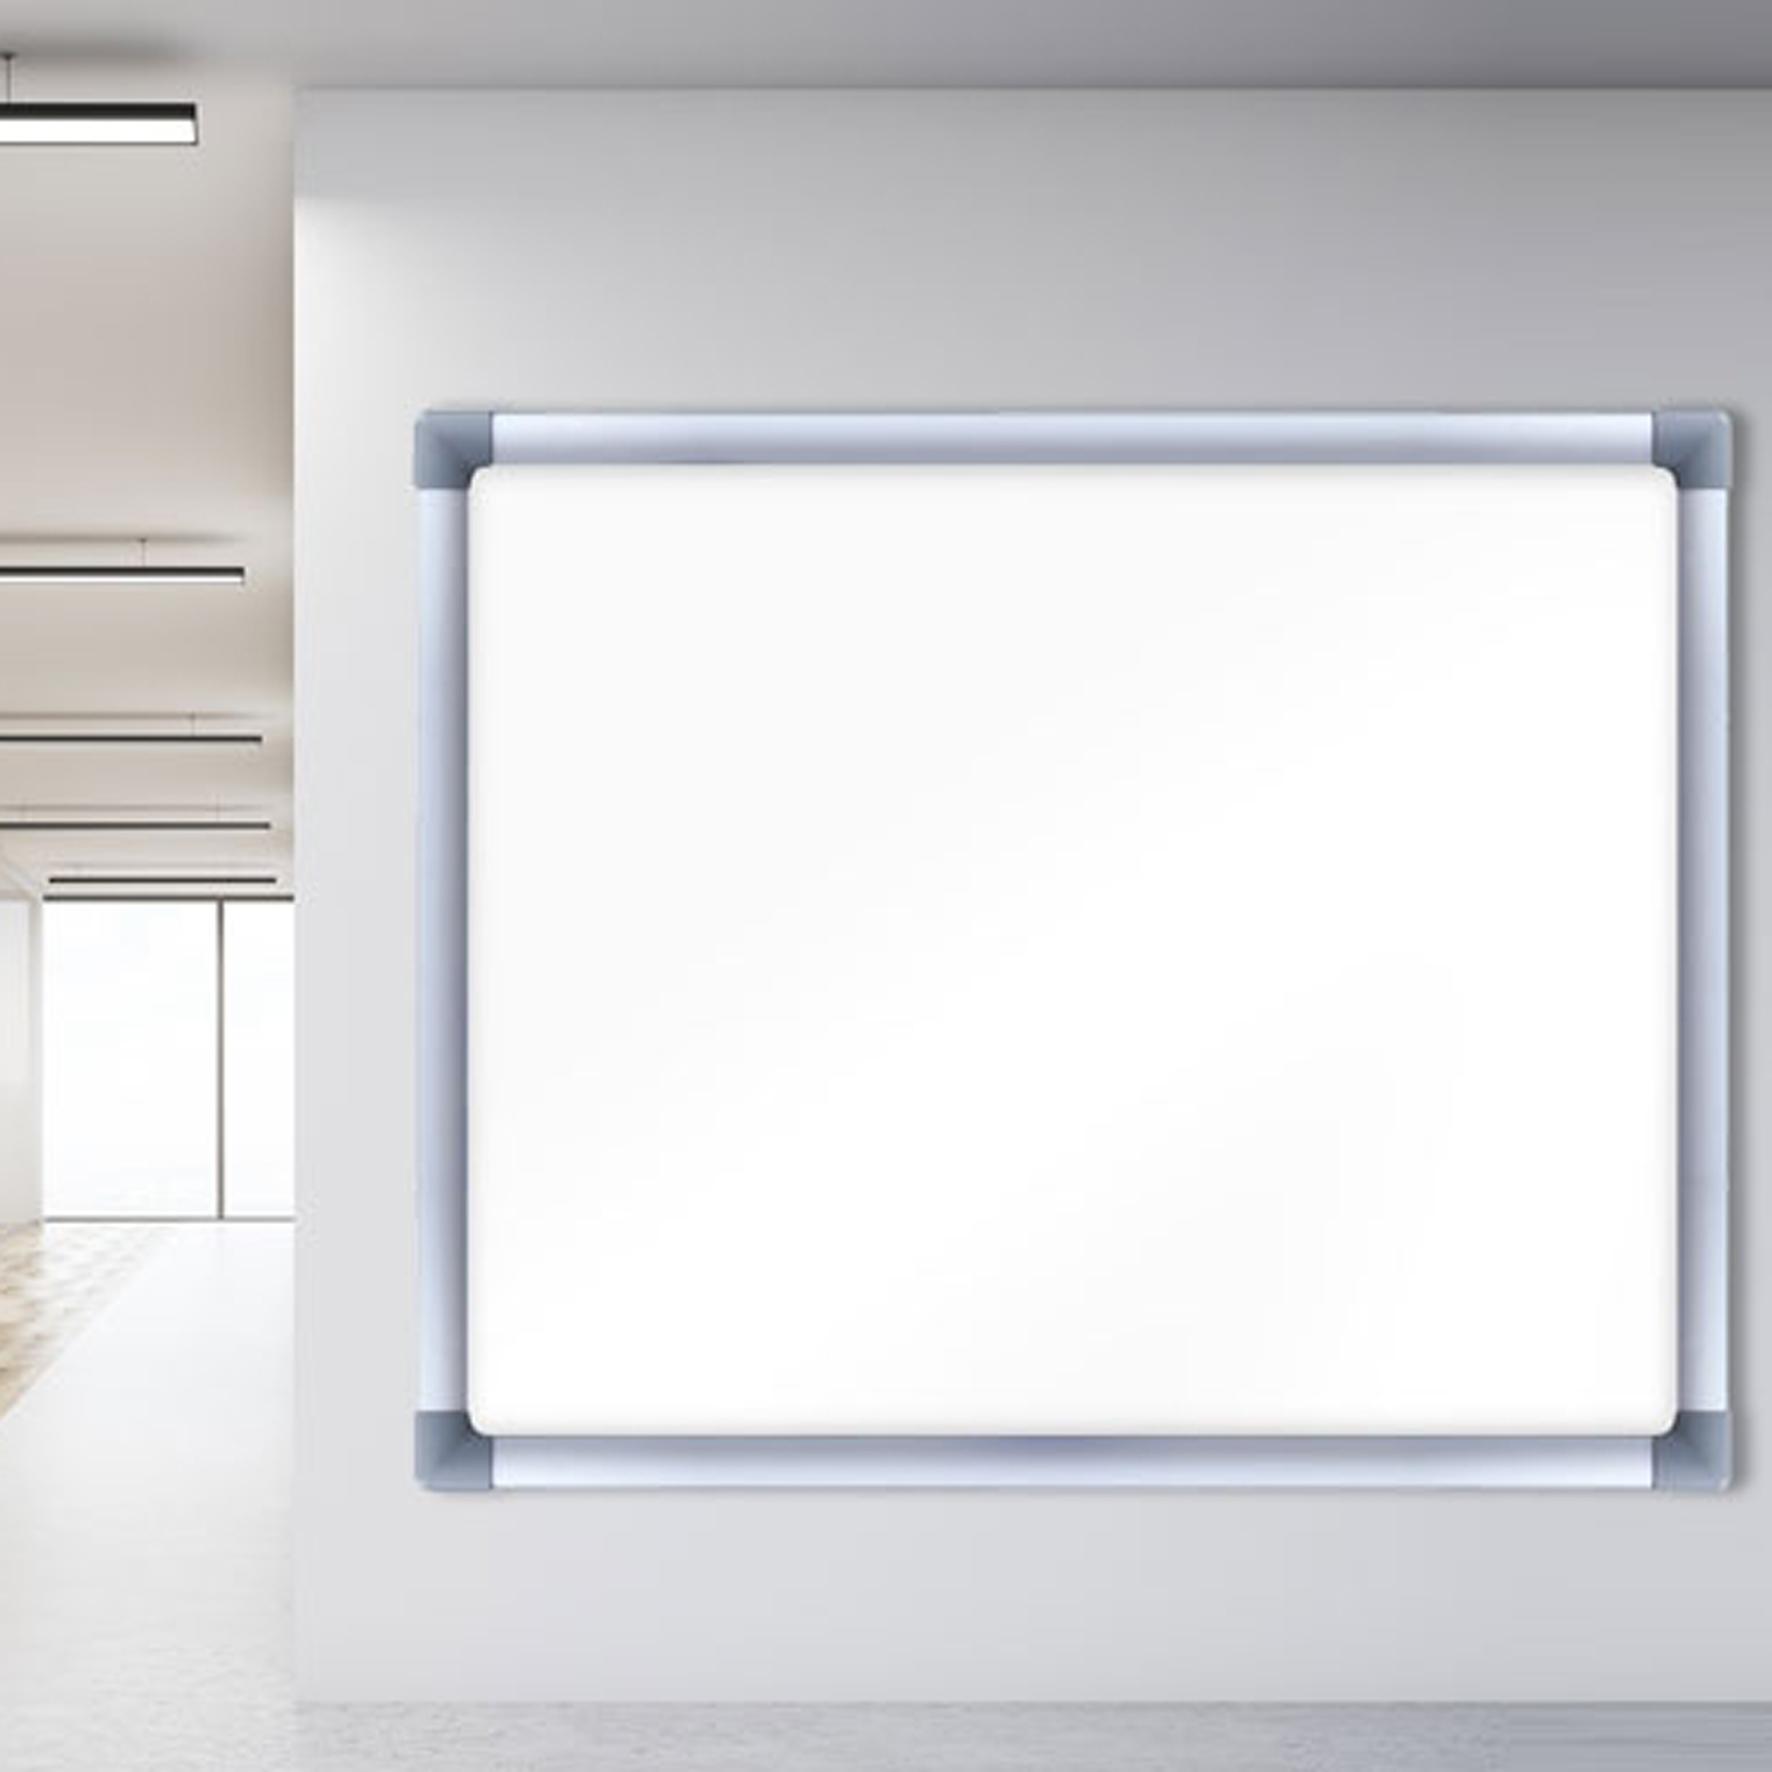 Bacheche a muro scrivibili, con cornice in alluminio. Fondo magnetico e scrivibili con pennarelli a secco.